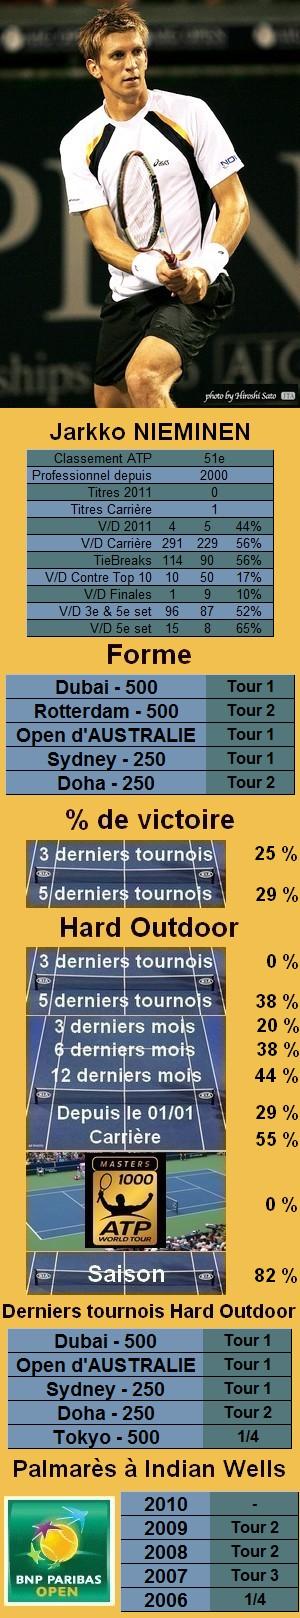 Les statistiques tennis de Ivan Ljubicic pour le tournoi de Indian Wells